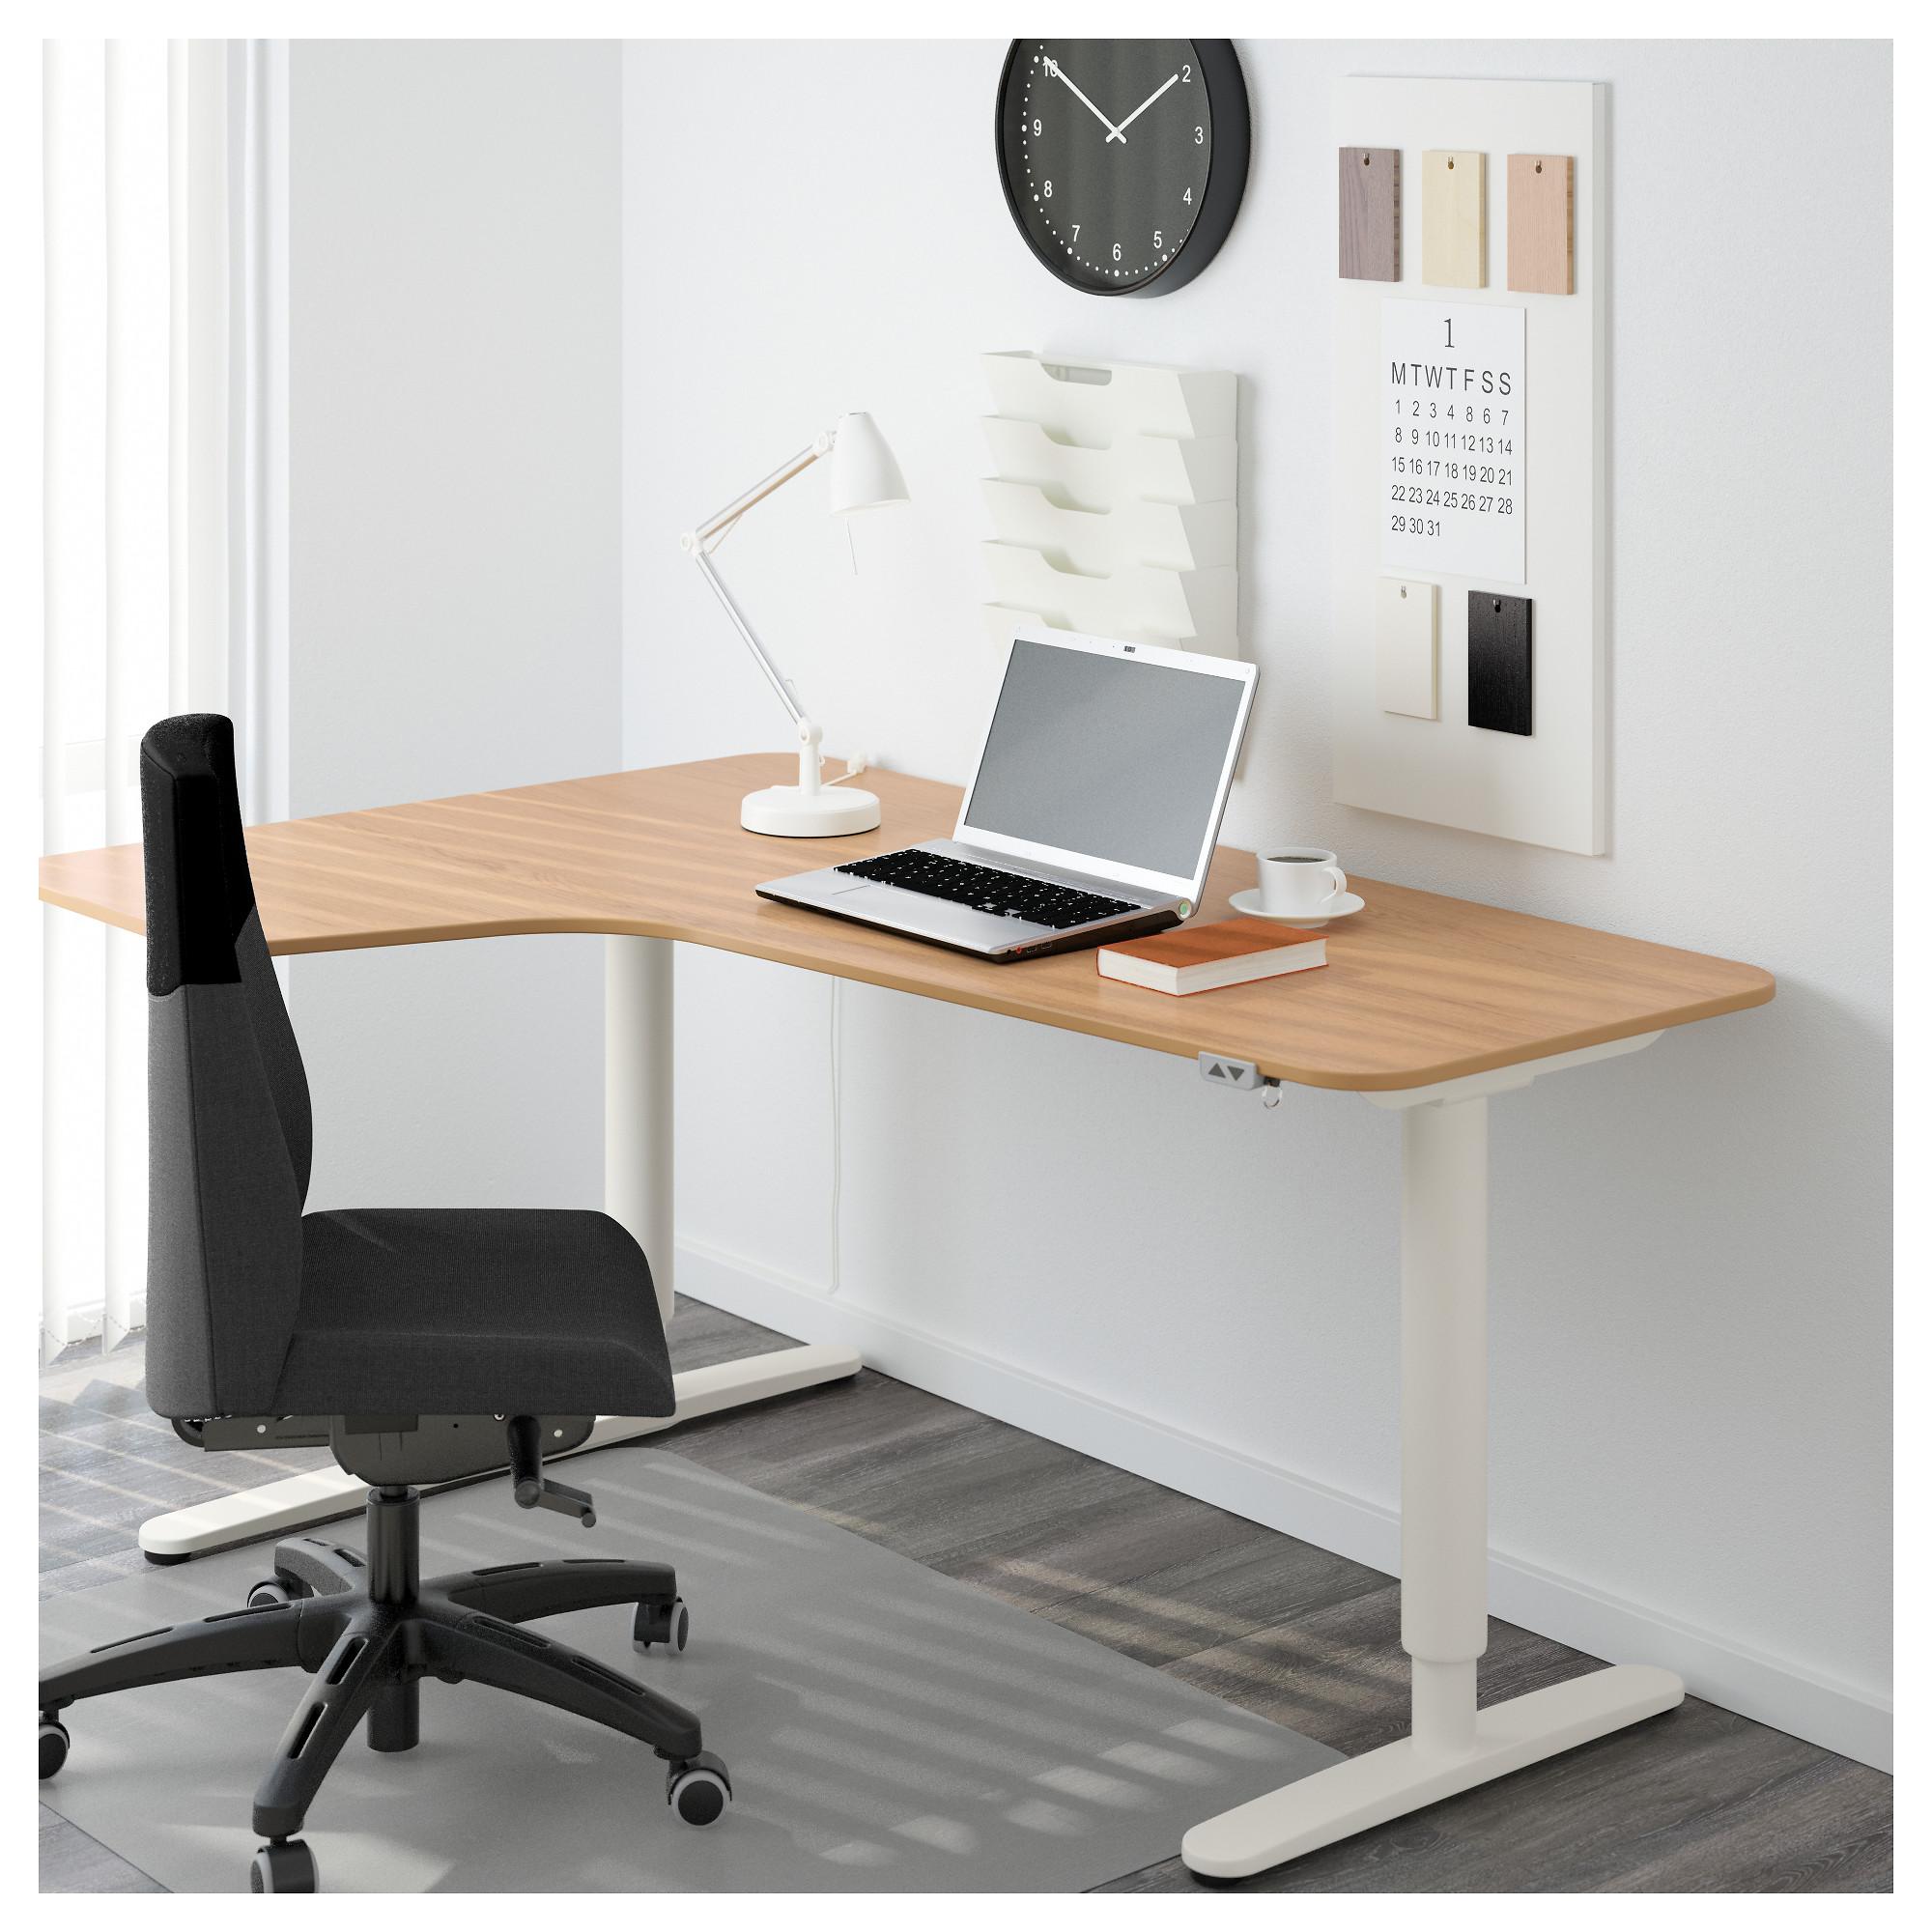 Угловой письменный стол левосторонний трансформер БЕКАНТ белый артикуль № 592.786.61 в наличии. Online магазин IKEA РБ. Быстрая доставка и монтаж.